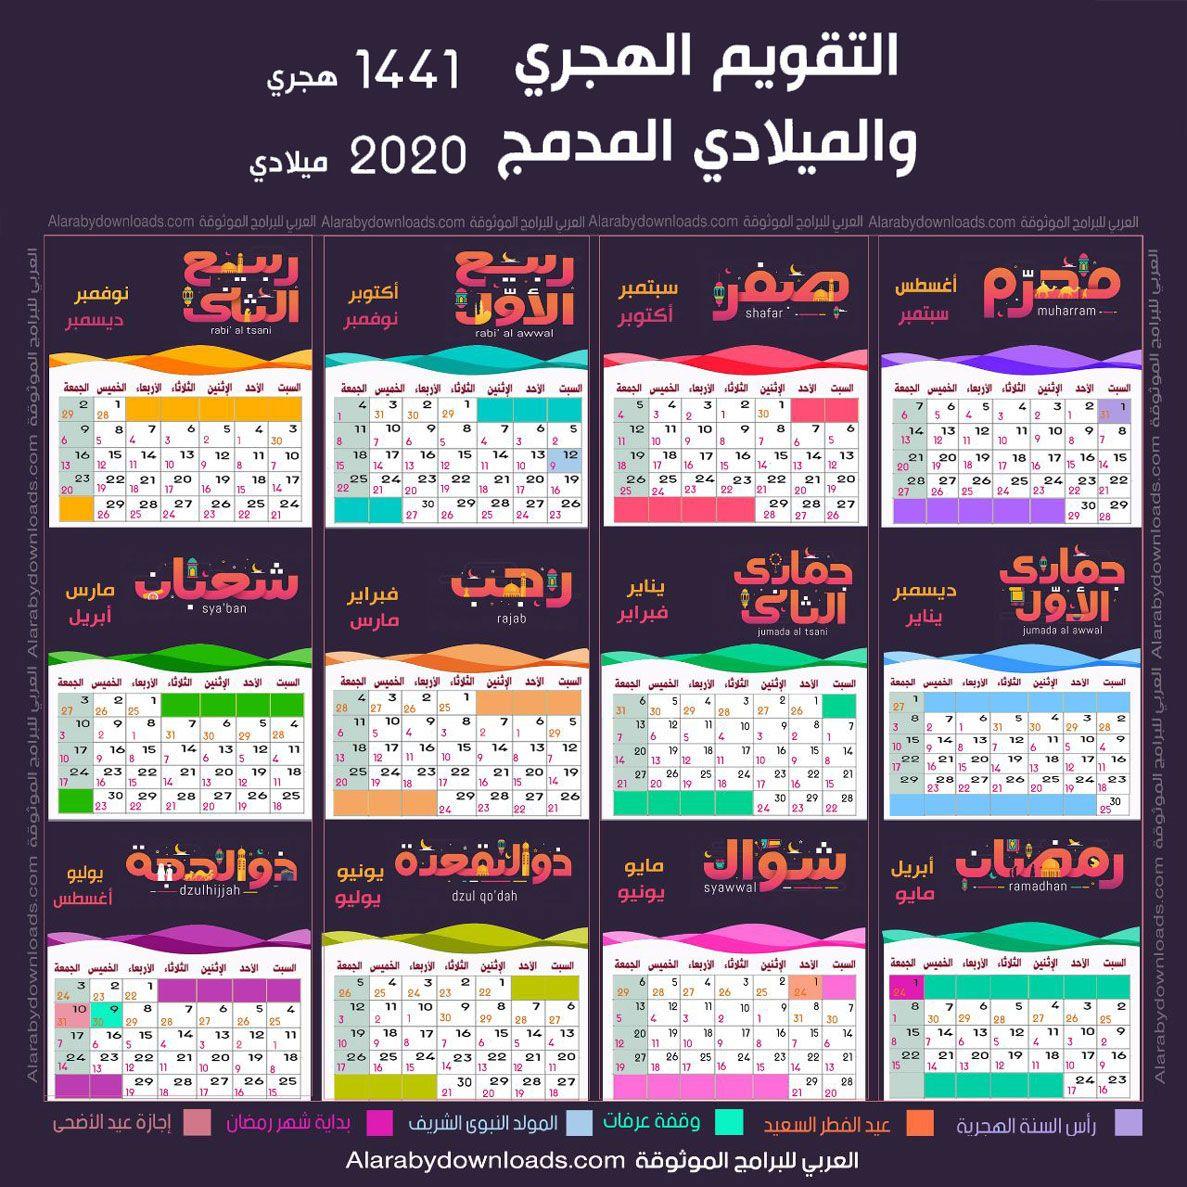 تحميل التقويم الهجري 1441 والميلادي 2019 Pdf تاريخ اليوم بالهجري والميلادي مع أبرز إجازات العام الجديد 2020 2020 Calendar Template Hijri Calendar Calendar